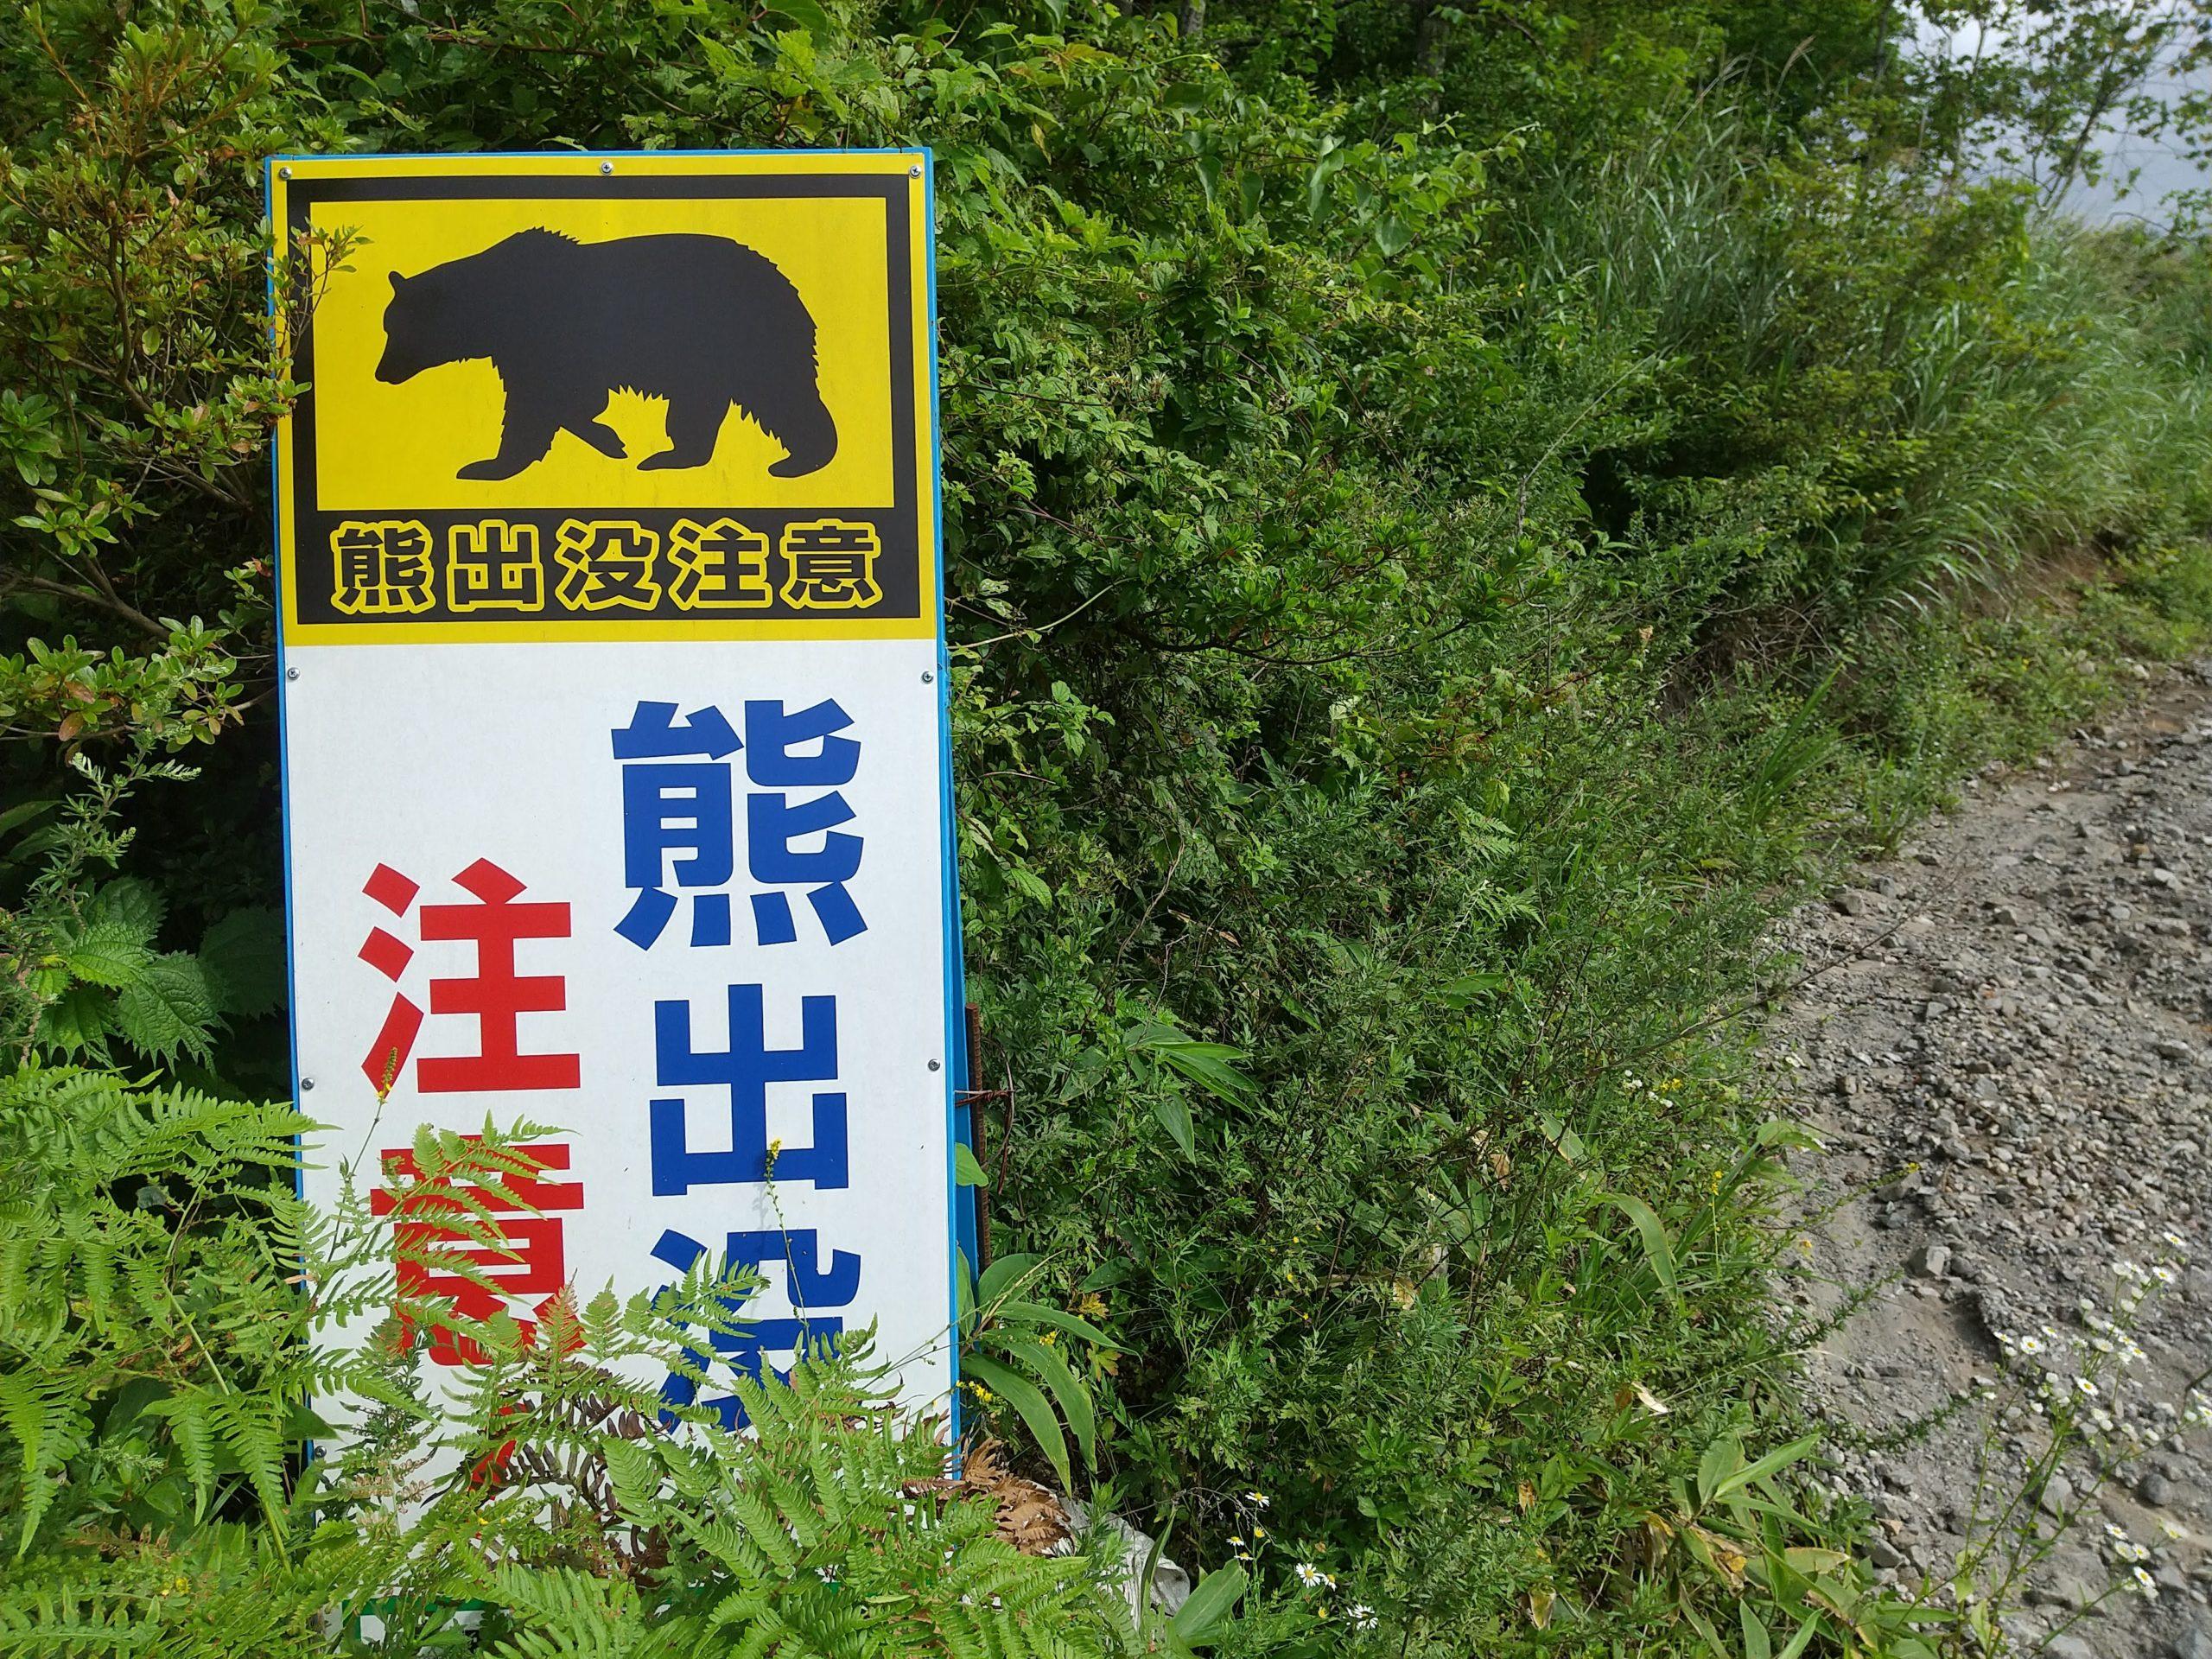 クマ出没注意の看板